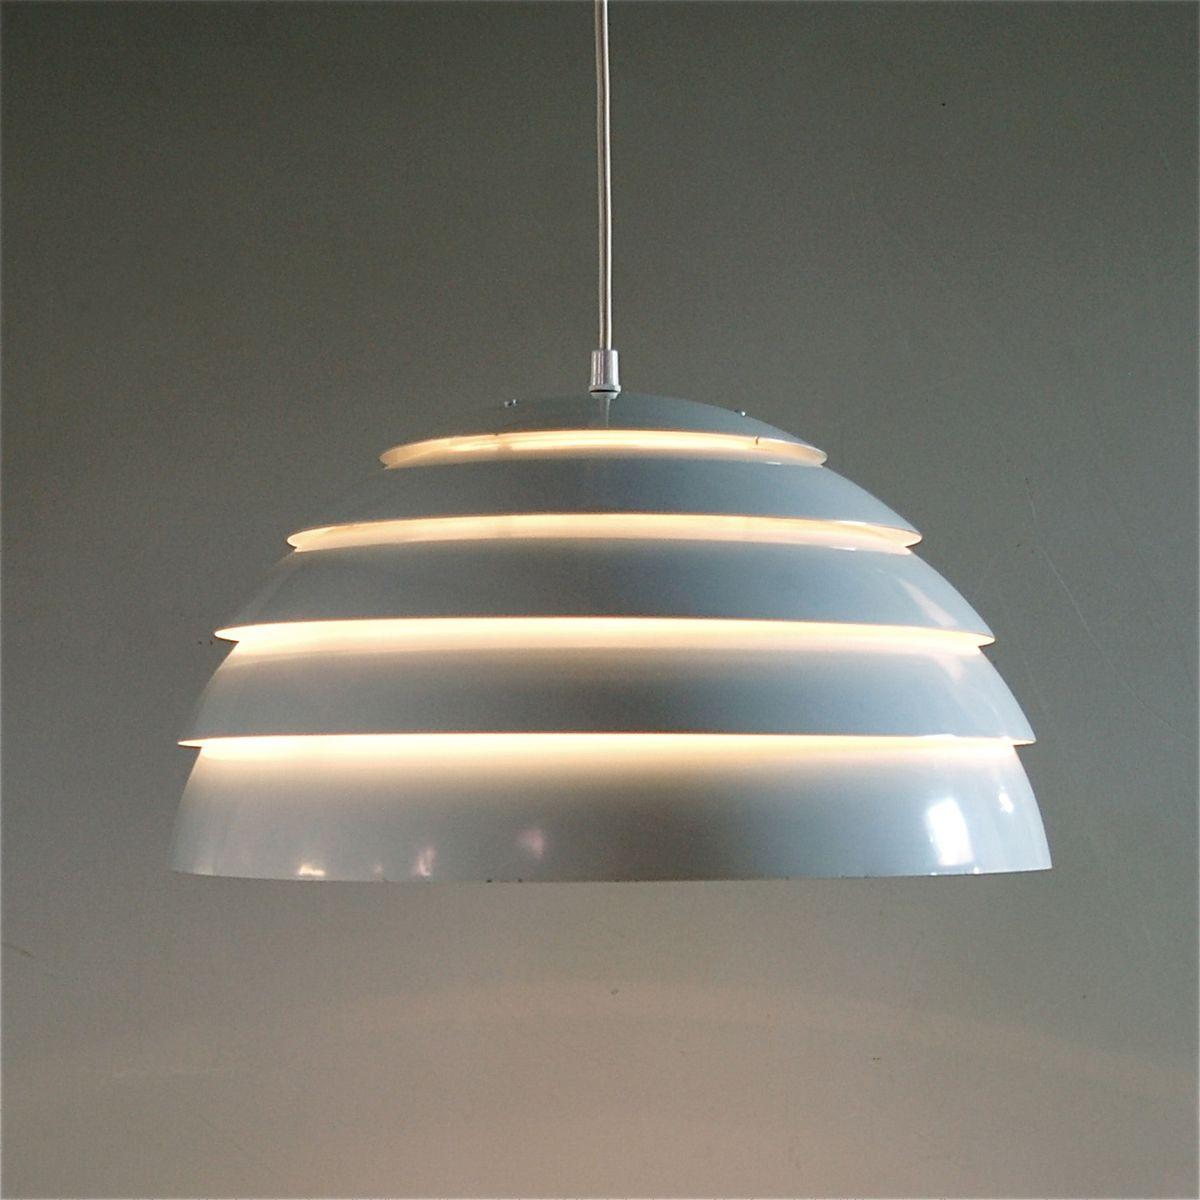 Vintage white dome pendant lamp by hans agne jakobsson for vintage white dome pendant lamp by hans agne jakobsson for markaryd 1960s aloadofball Gallery